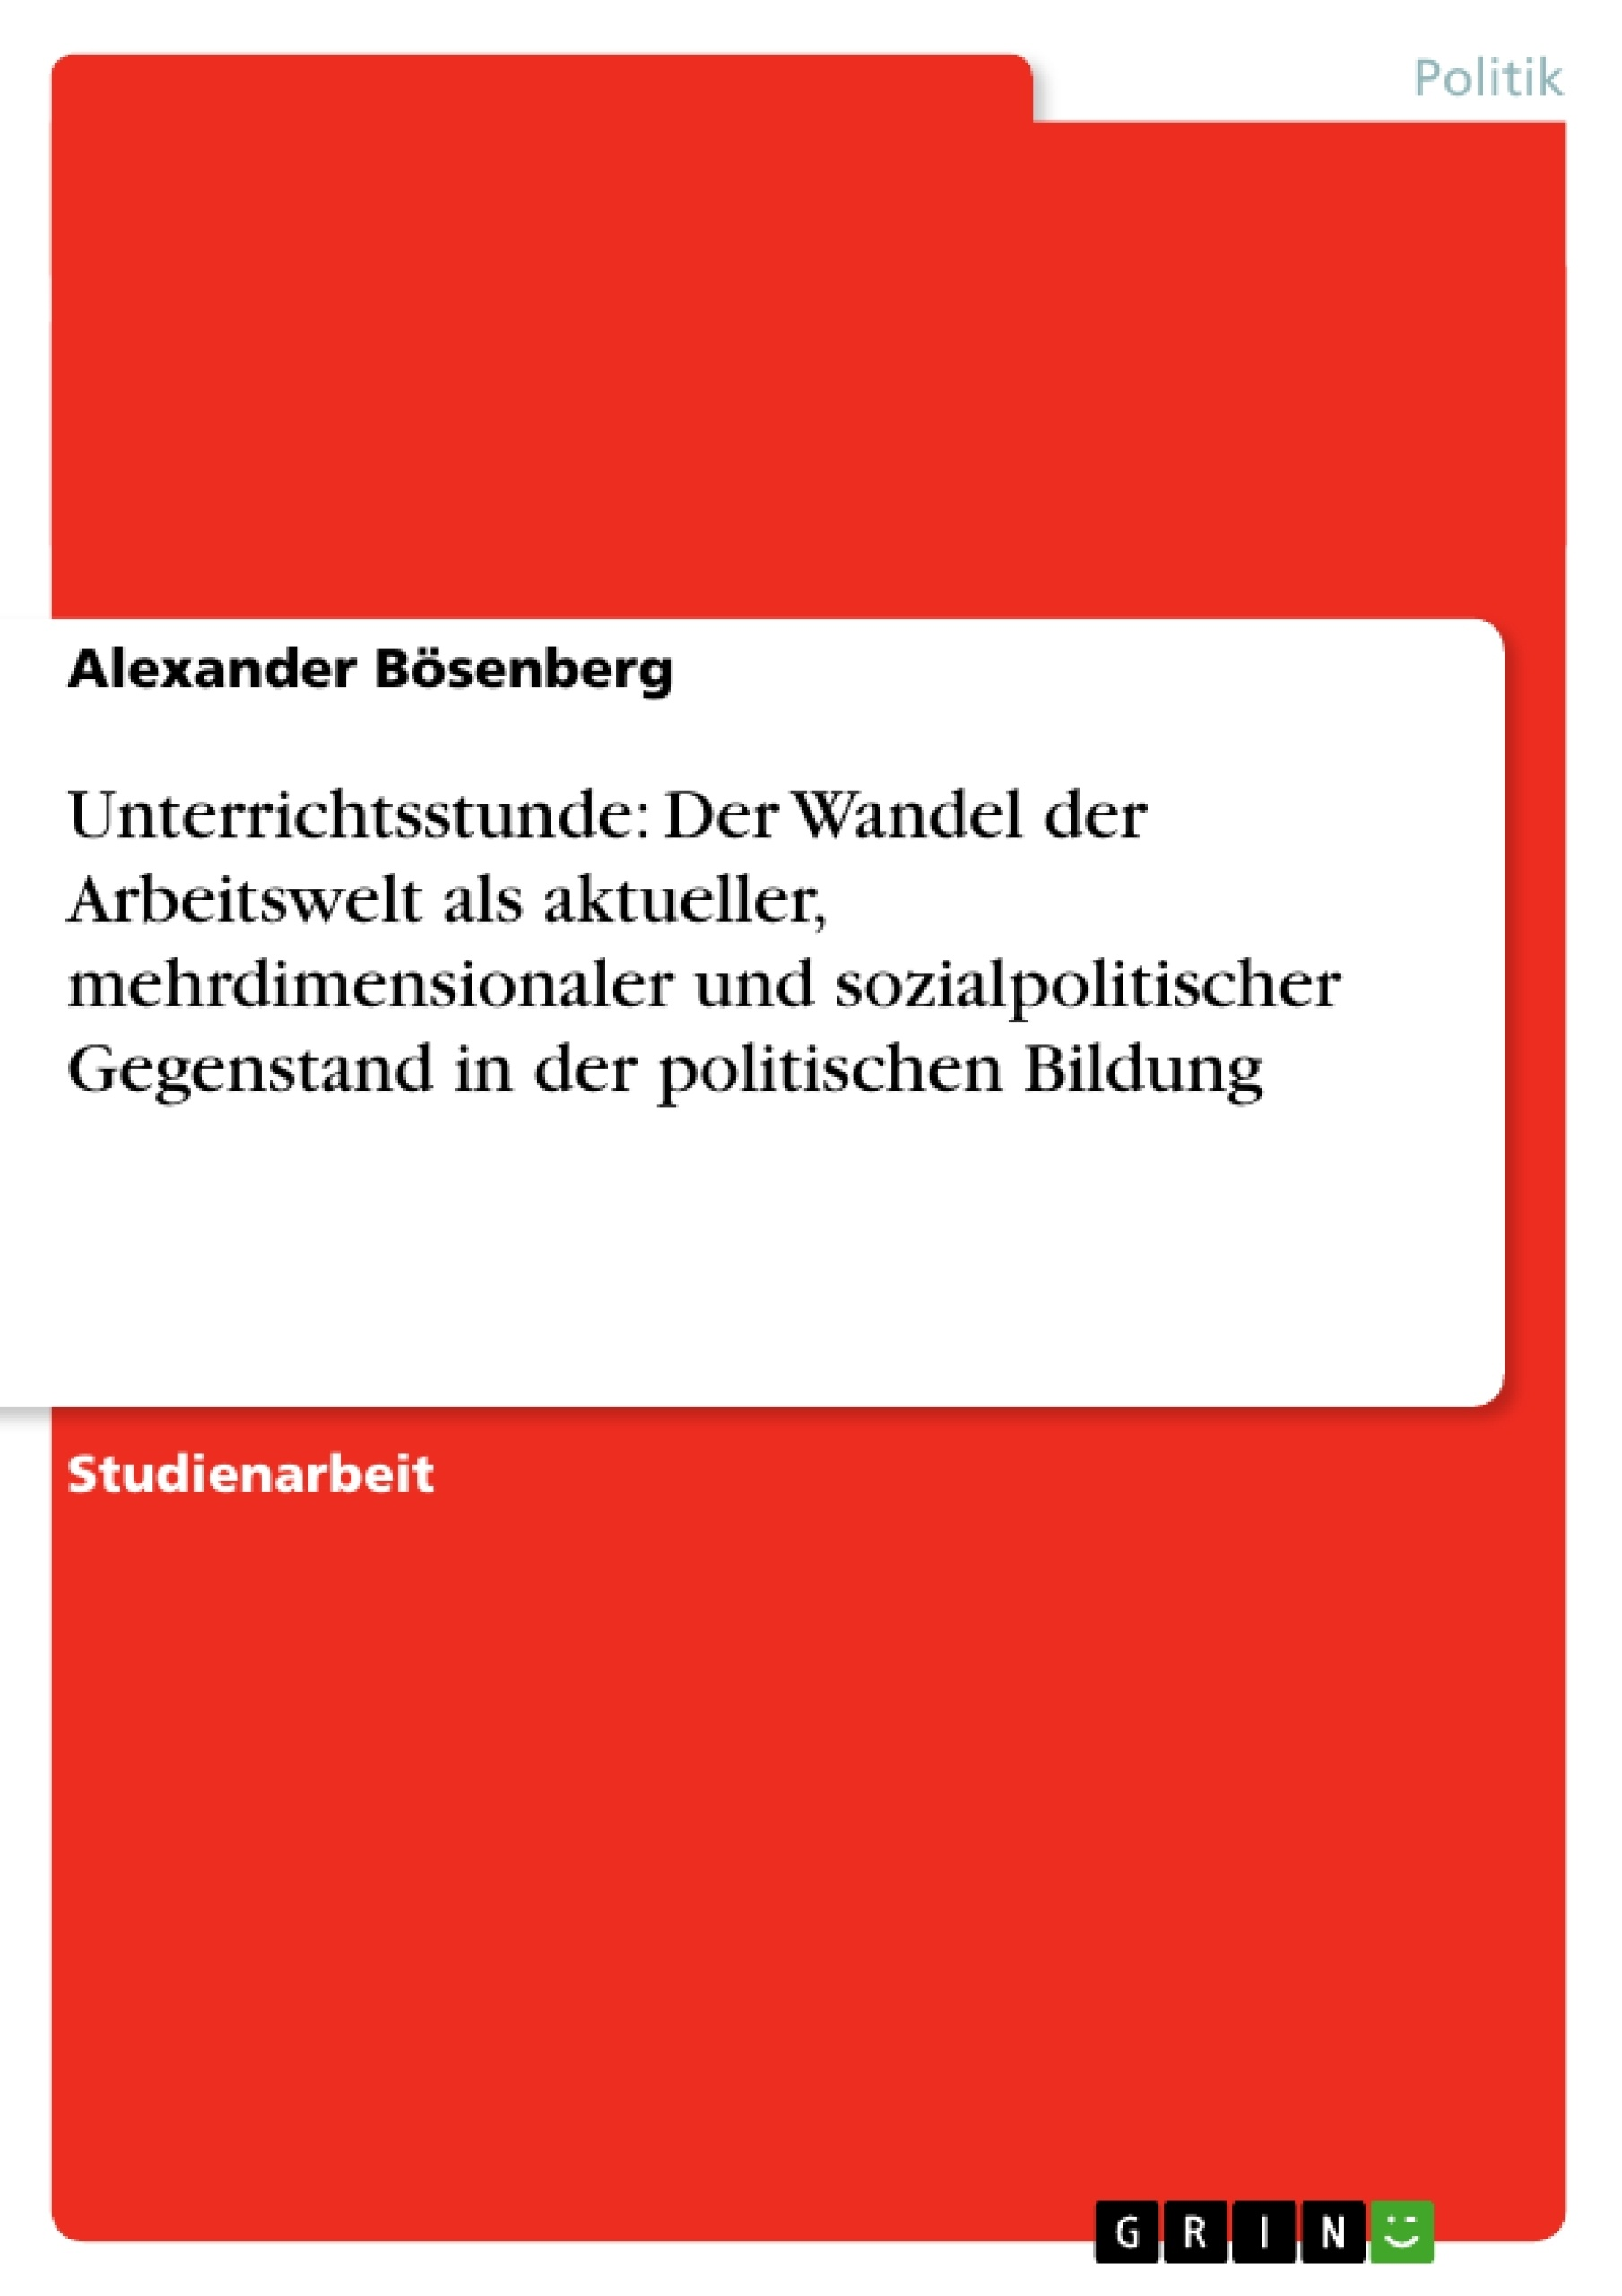 Titel: Unterrichtsstunde: Der Wandel der Arbeitswelt als aktueller, mehrdimensionaler und sozialpolitischer Gegenstand in der politischen Bildung